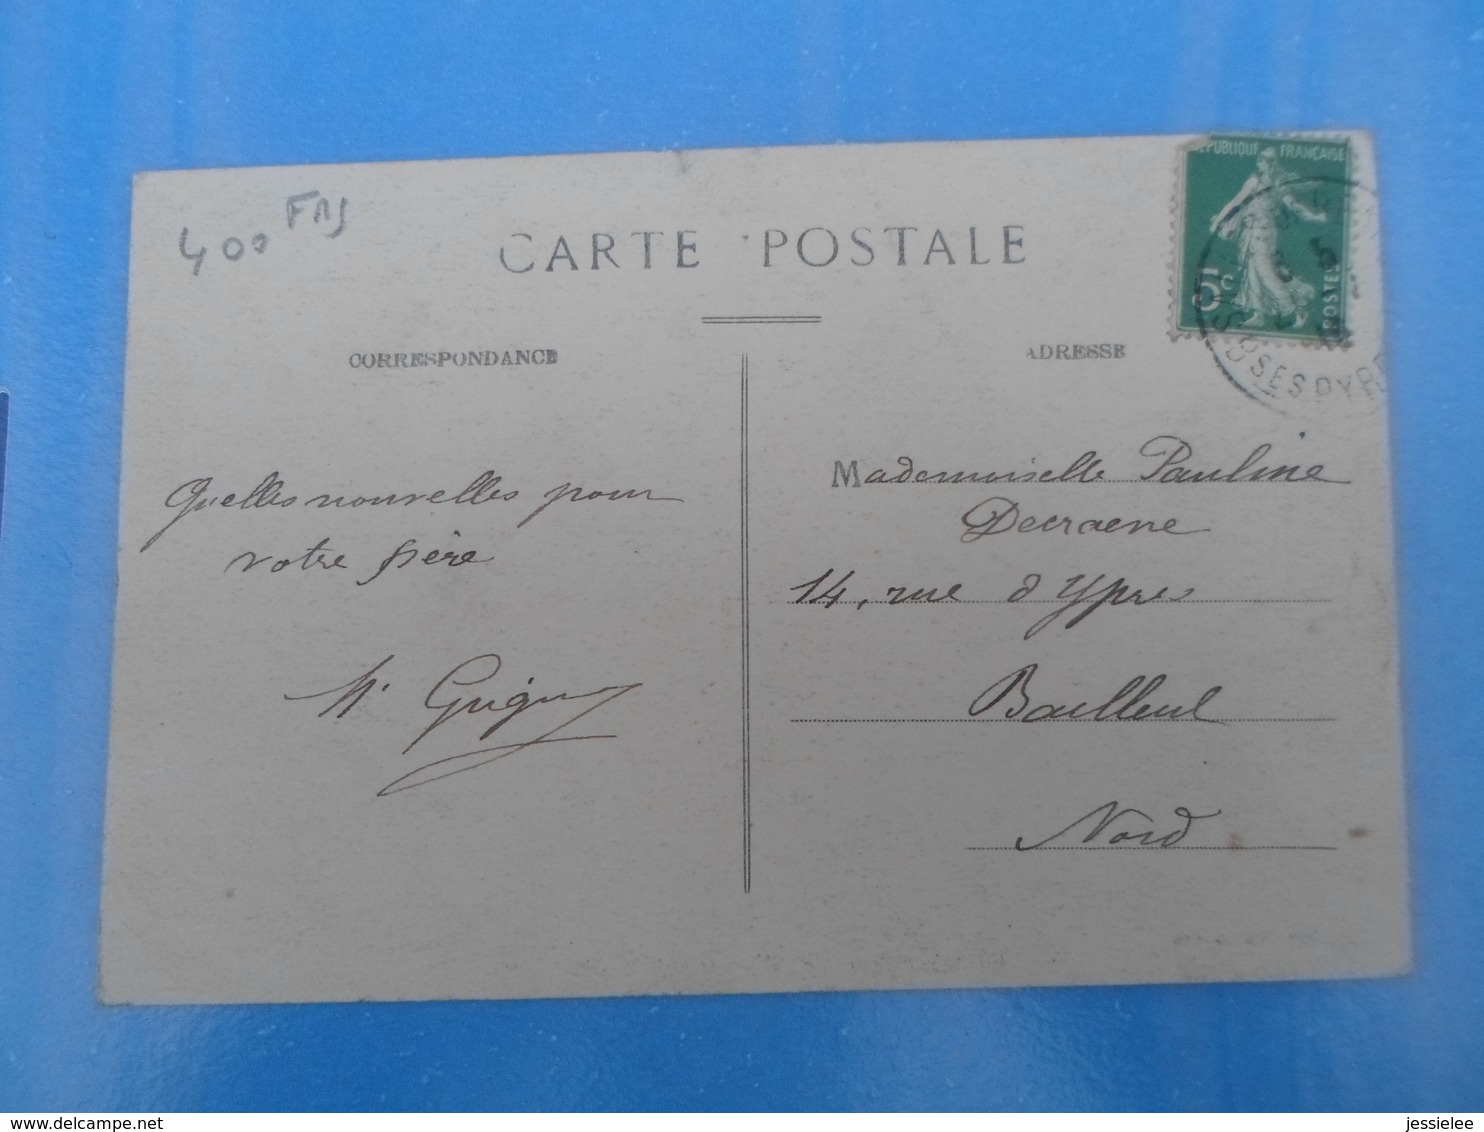 Carte Postale Groupe De Sandalières Salies De Bearn - Artisanat